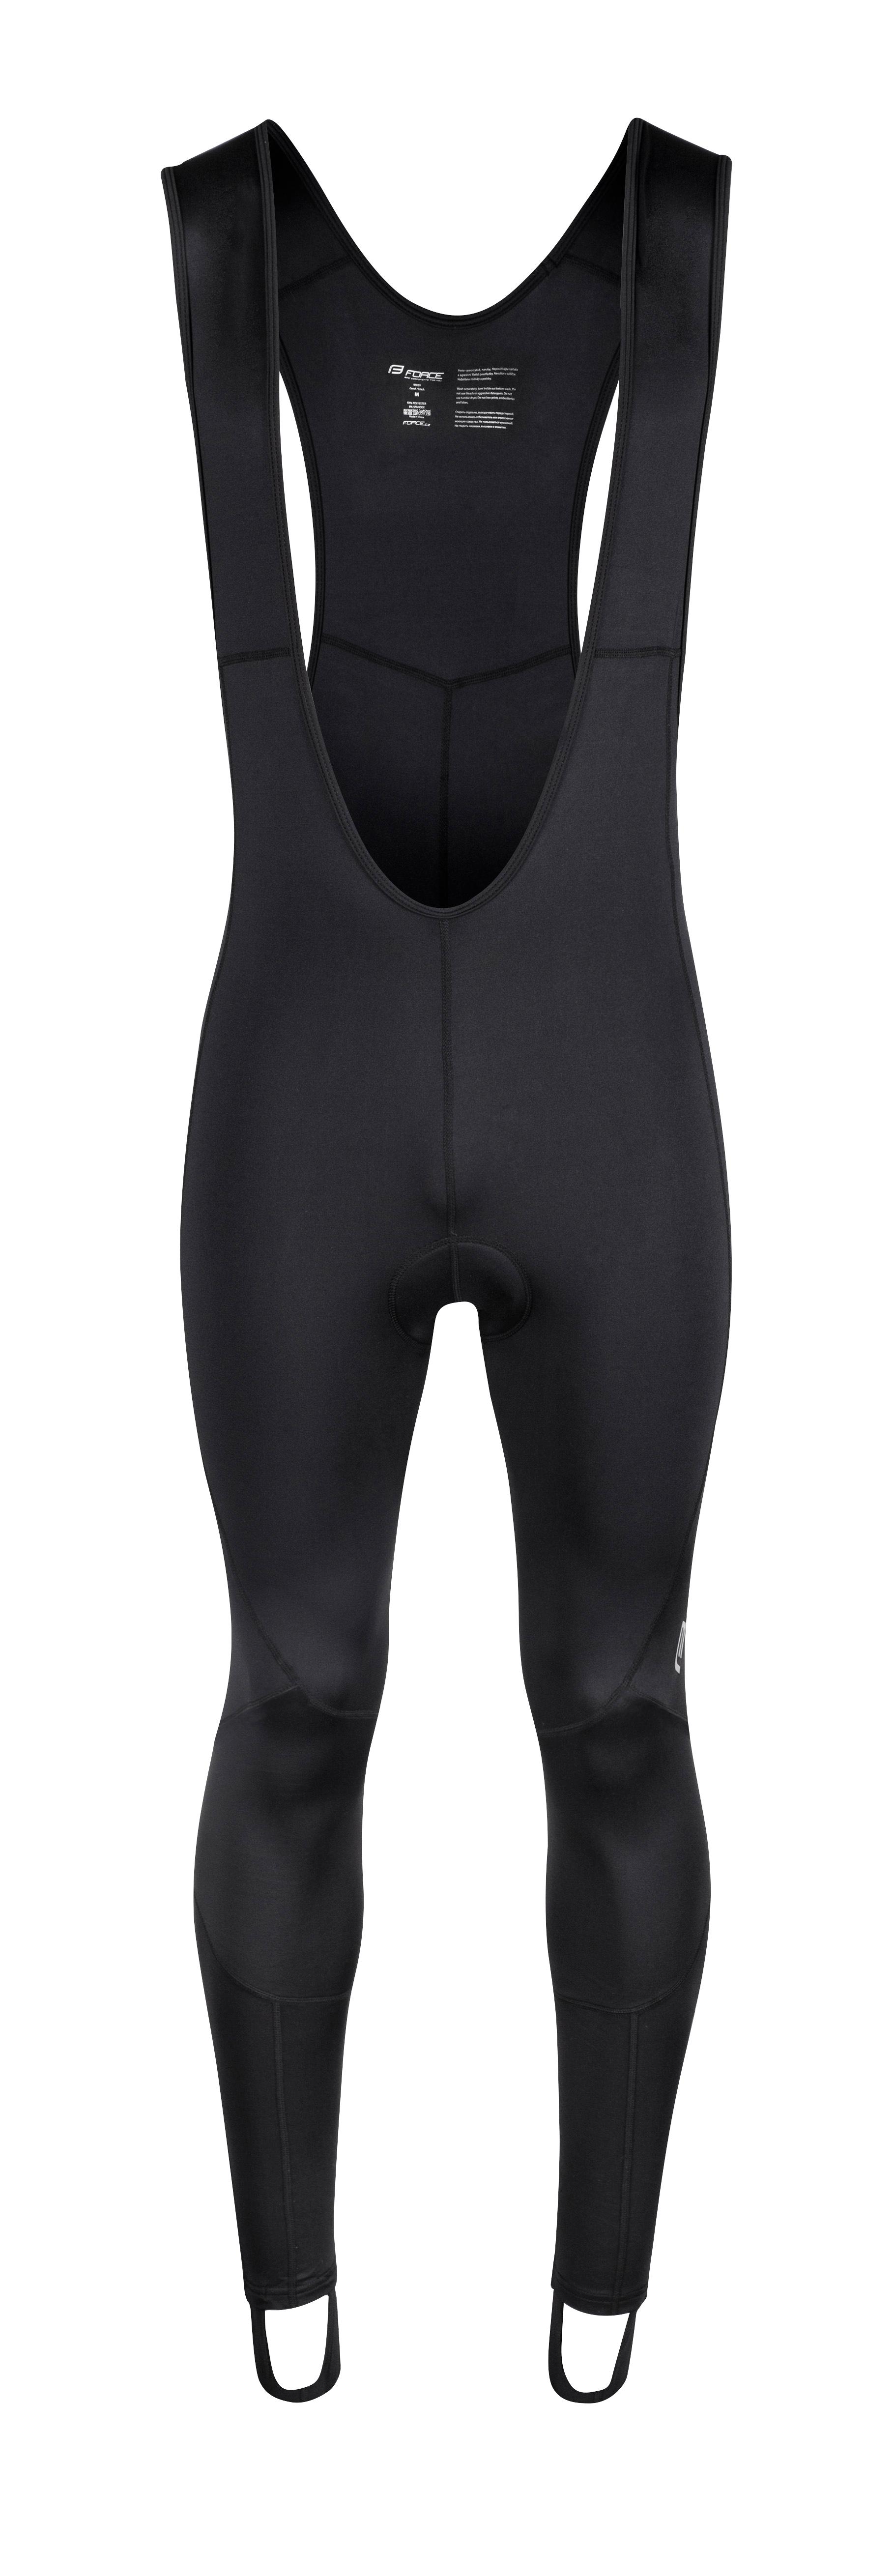 kalhoty FORCE Z68 se šráky a vložkou, černé XXXL